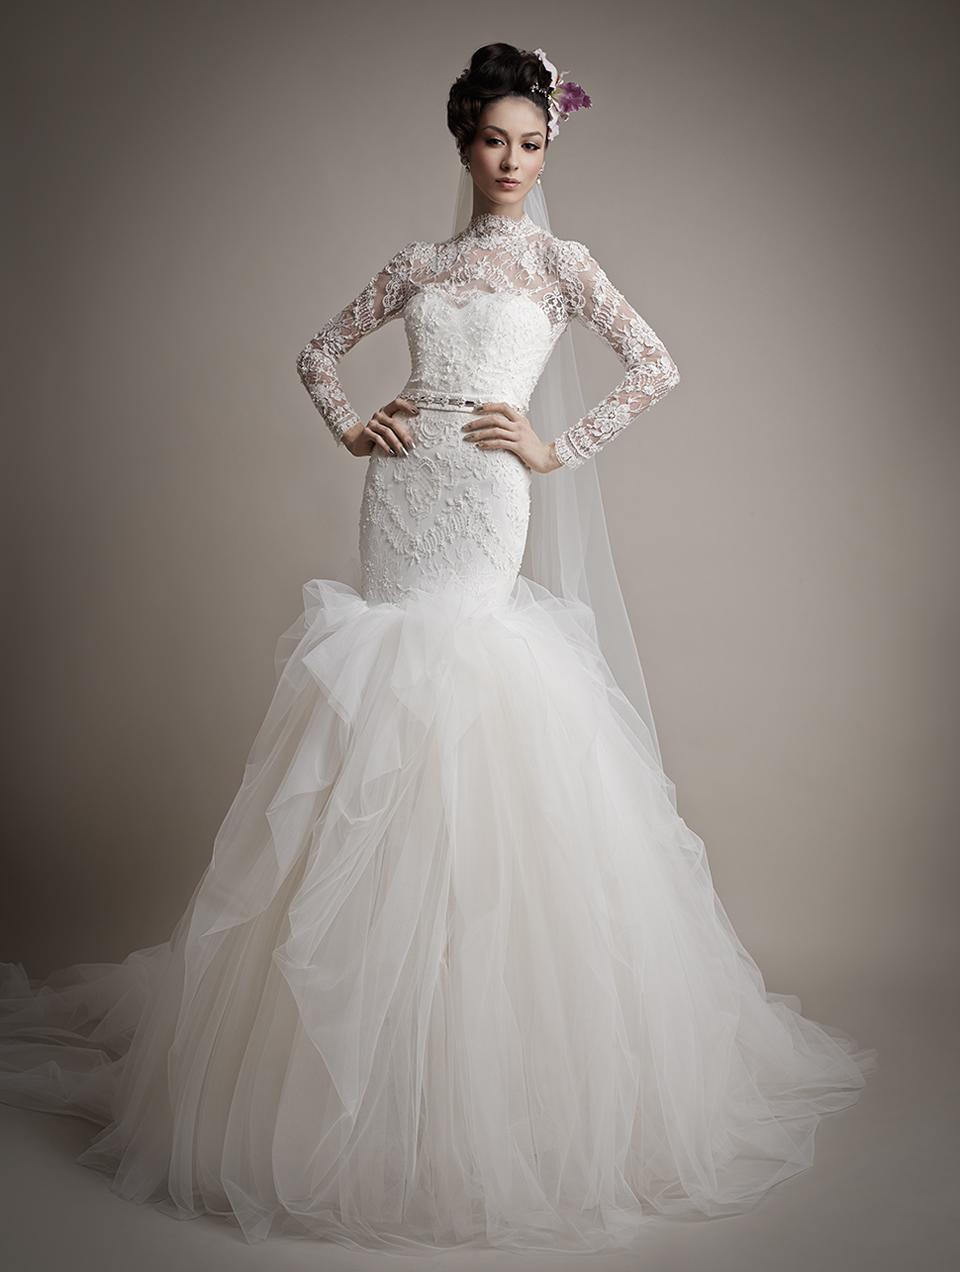 Коллекция свадебных платьев 2015 года от Ersa Atelier13